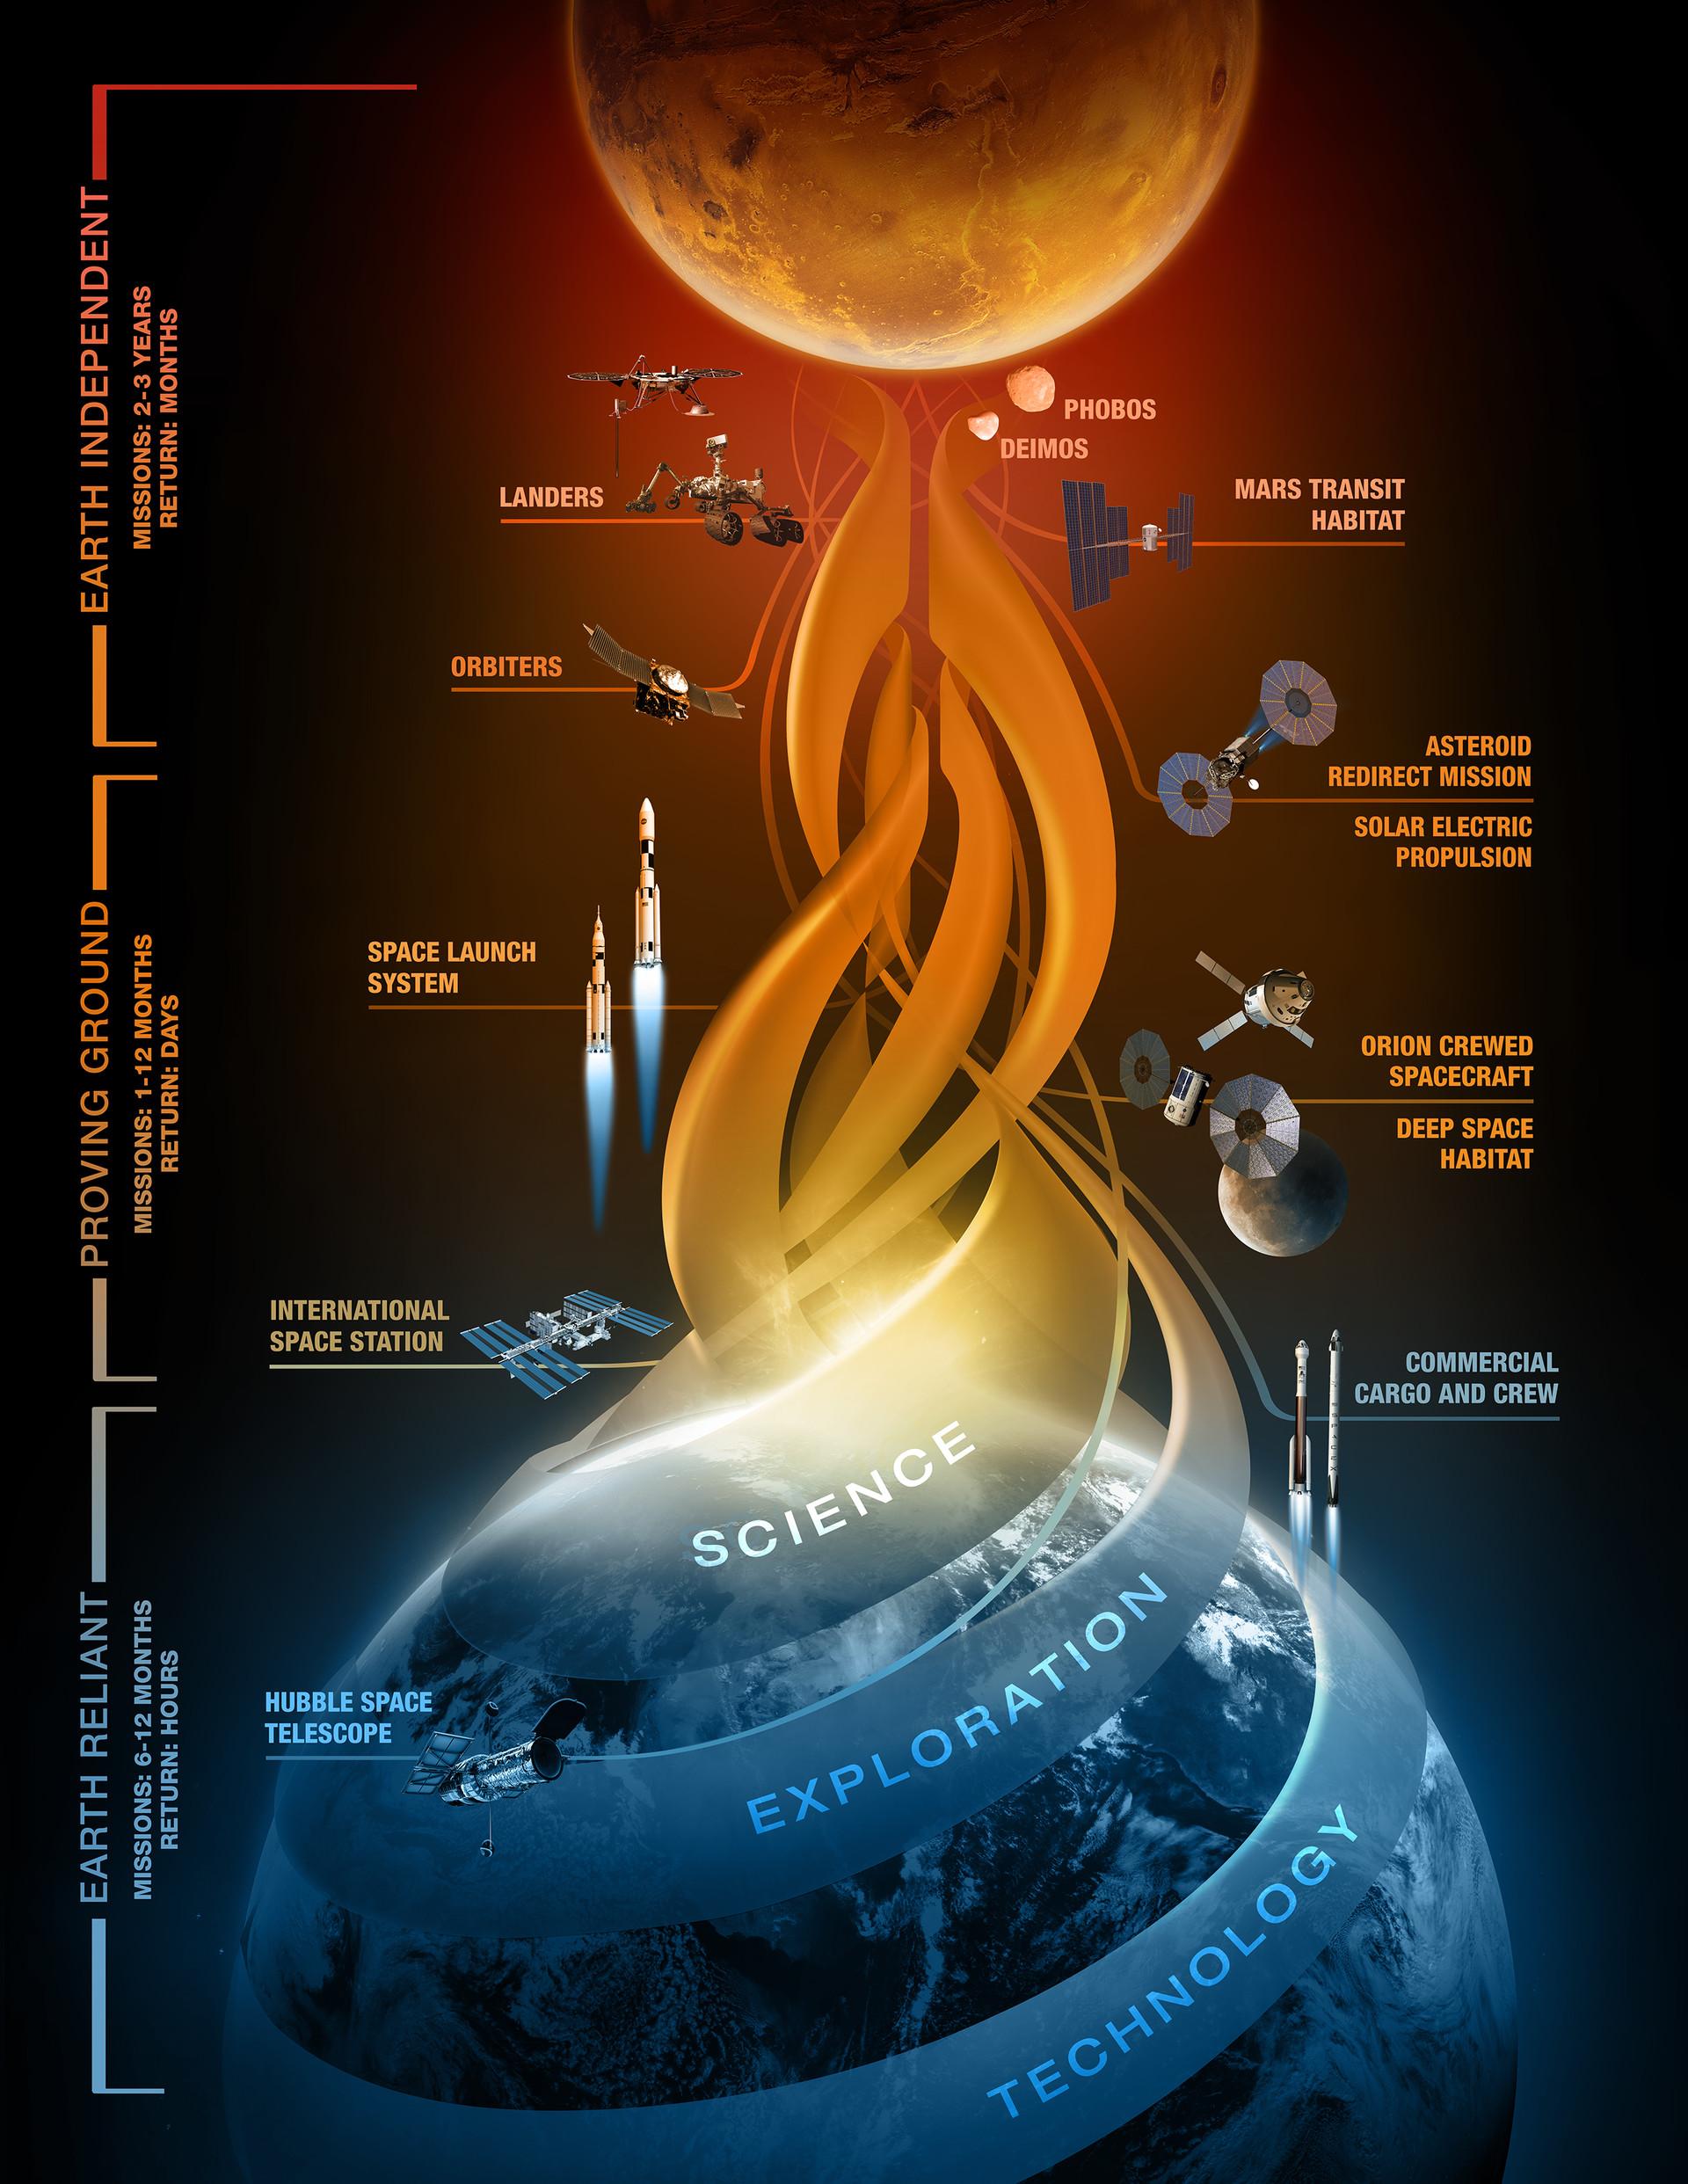 La NASA explica todos los detalles de su plan para enviar humanos a Marte